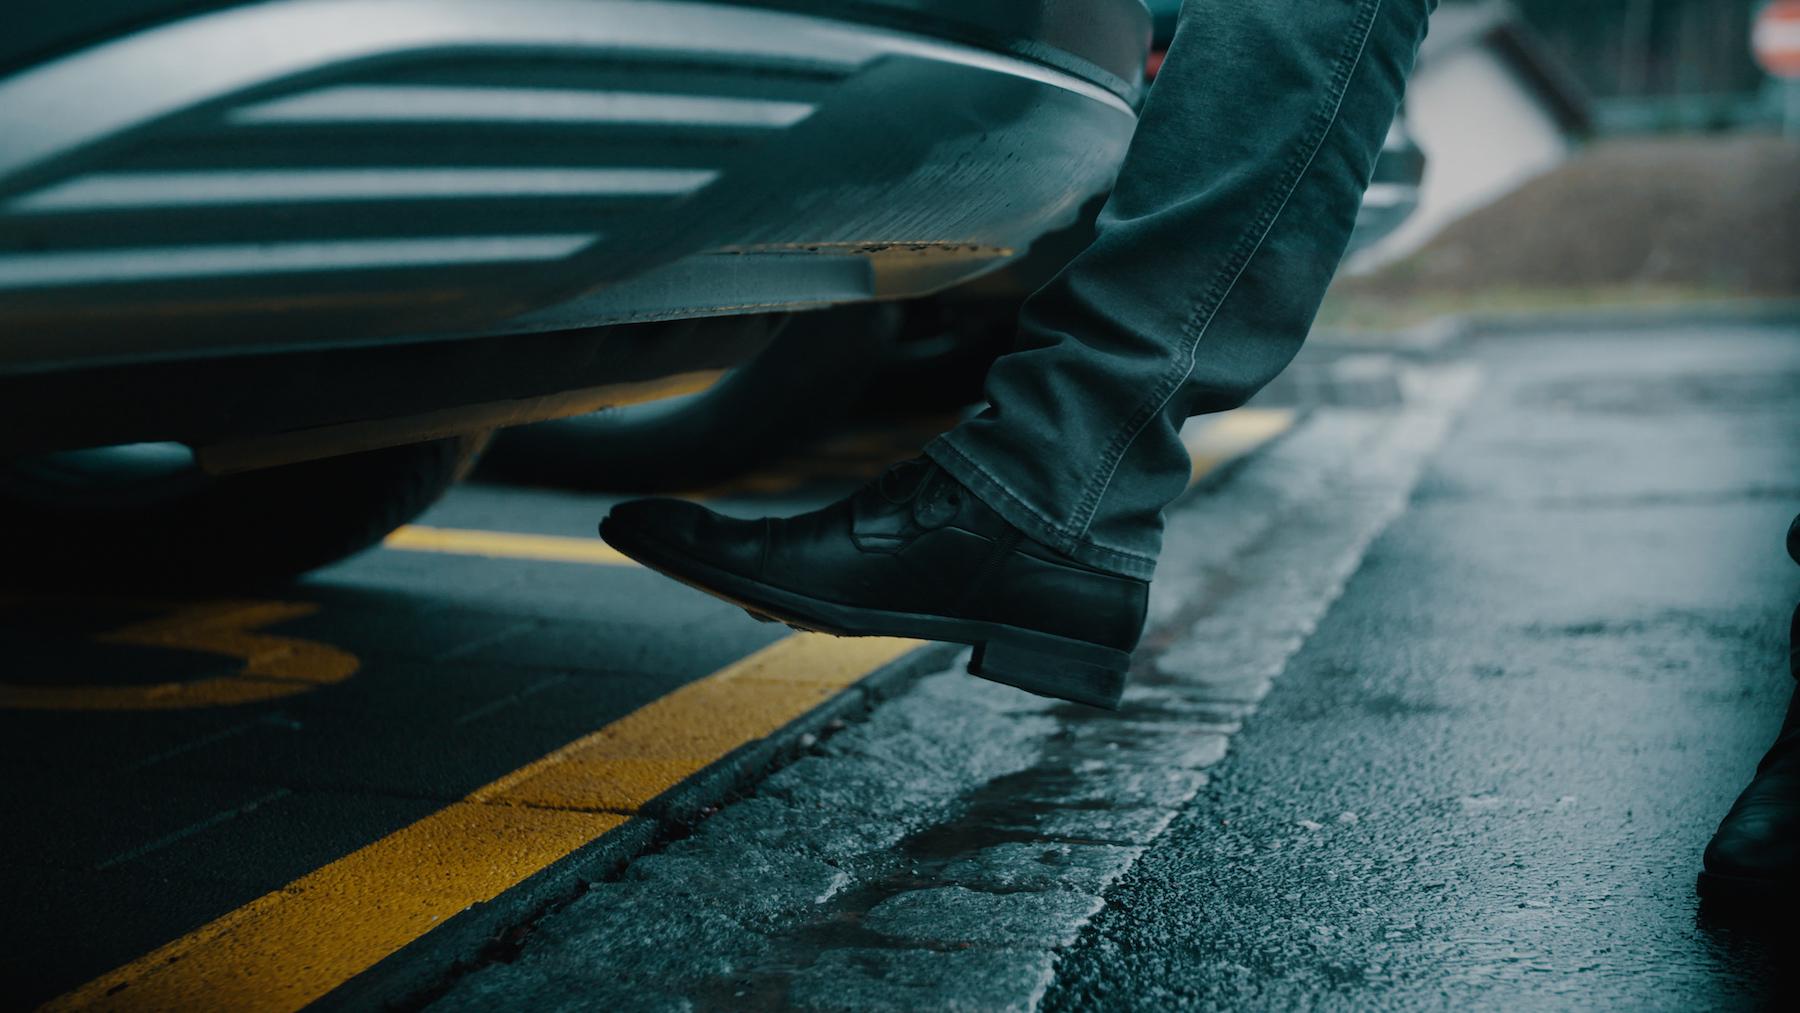 Il portellone posteriore dell'Audi e-tron può essere aperto con un piede grazie al sensore Virtual Pedal.